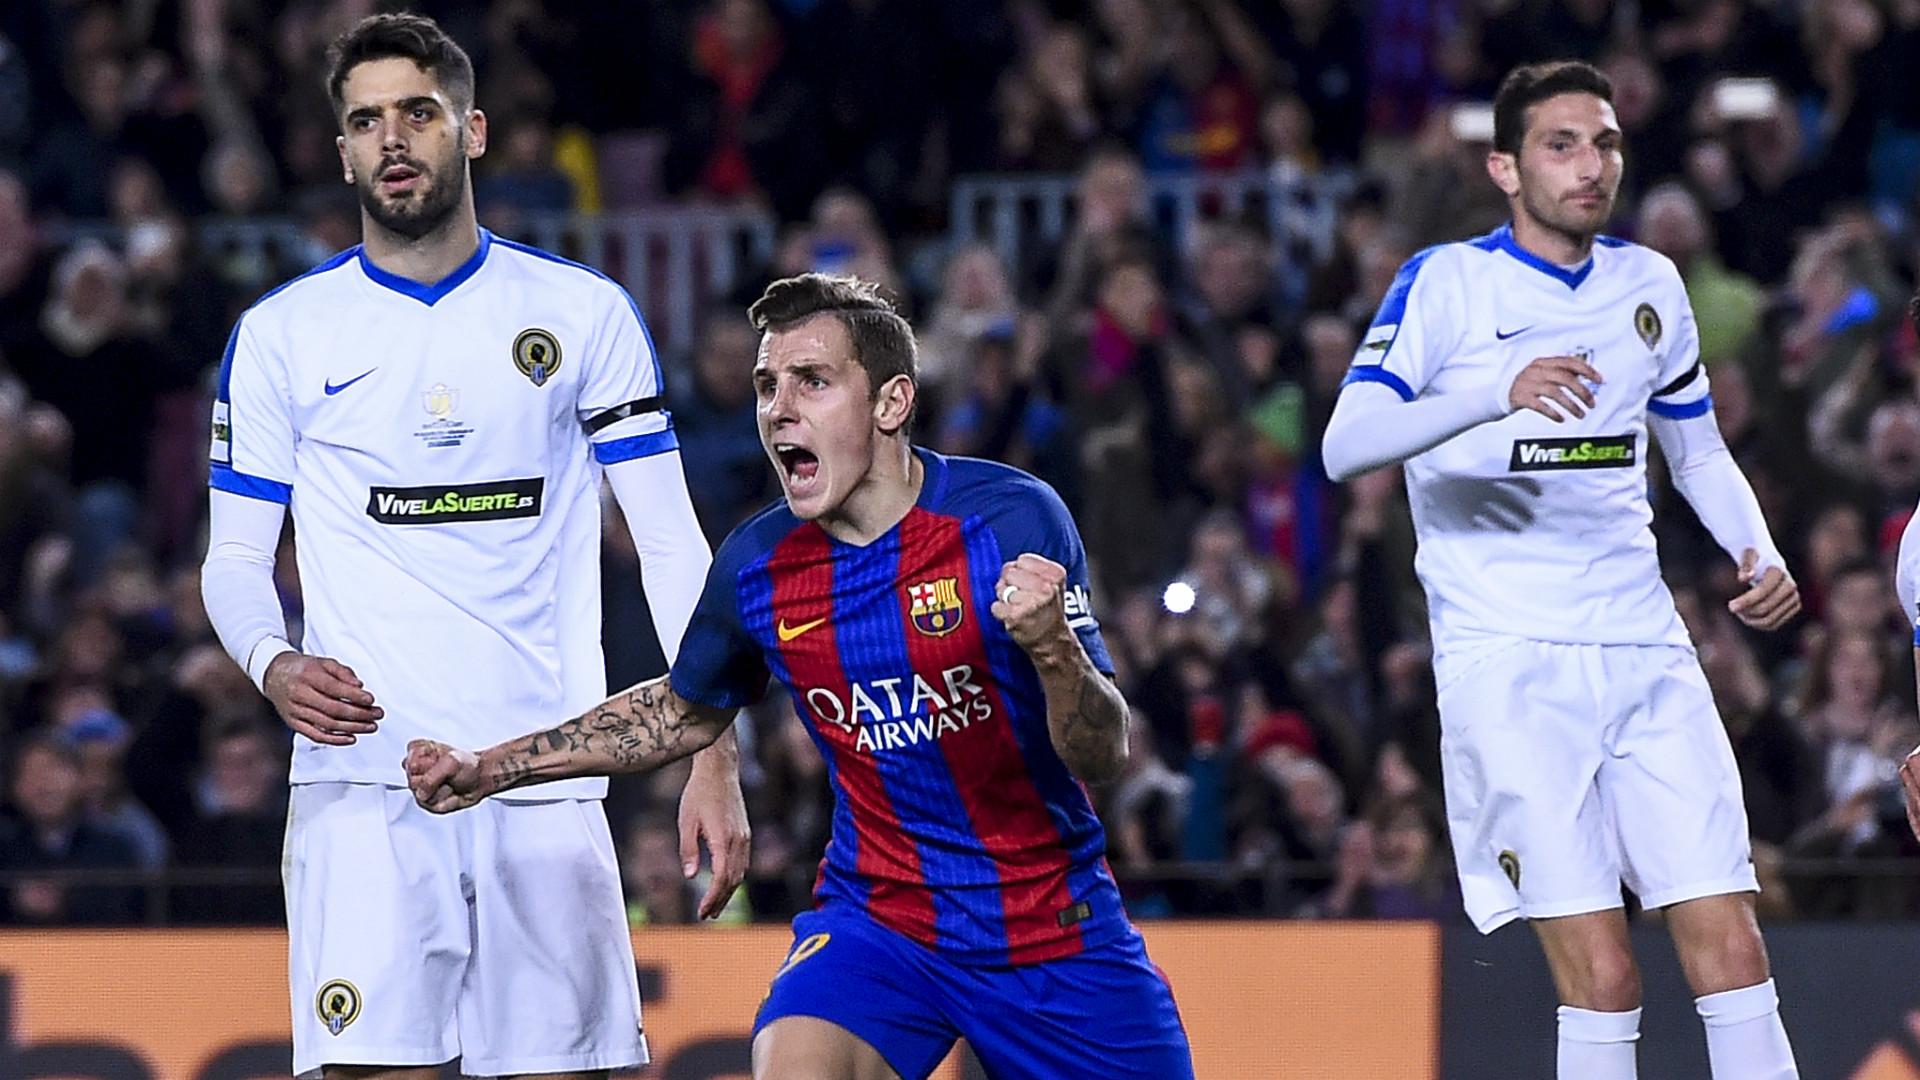 Copa del Rey round-up: Barcelona hit seven past third-tier Hercules